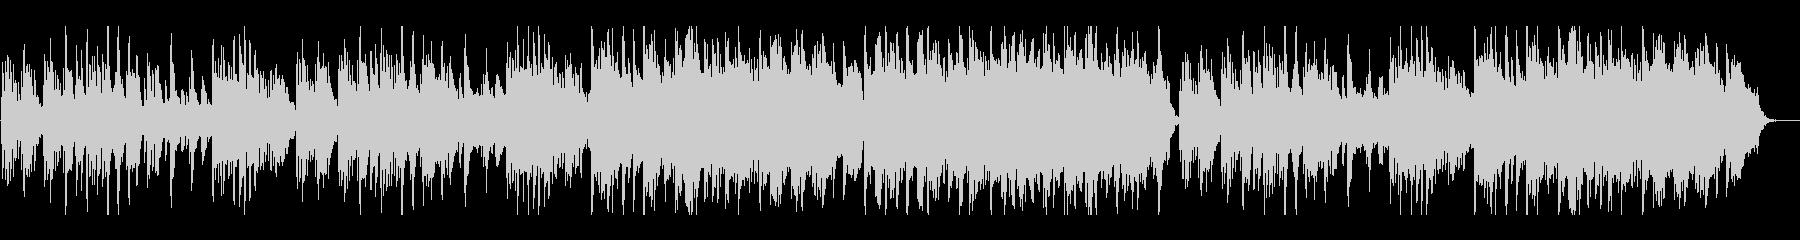 ストリングス等をバックにピアノメインの曲の未再生の波形